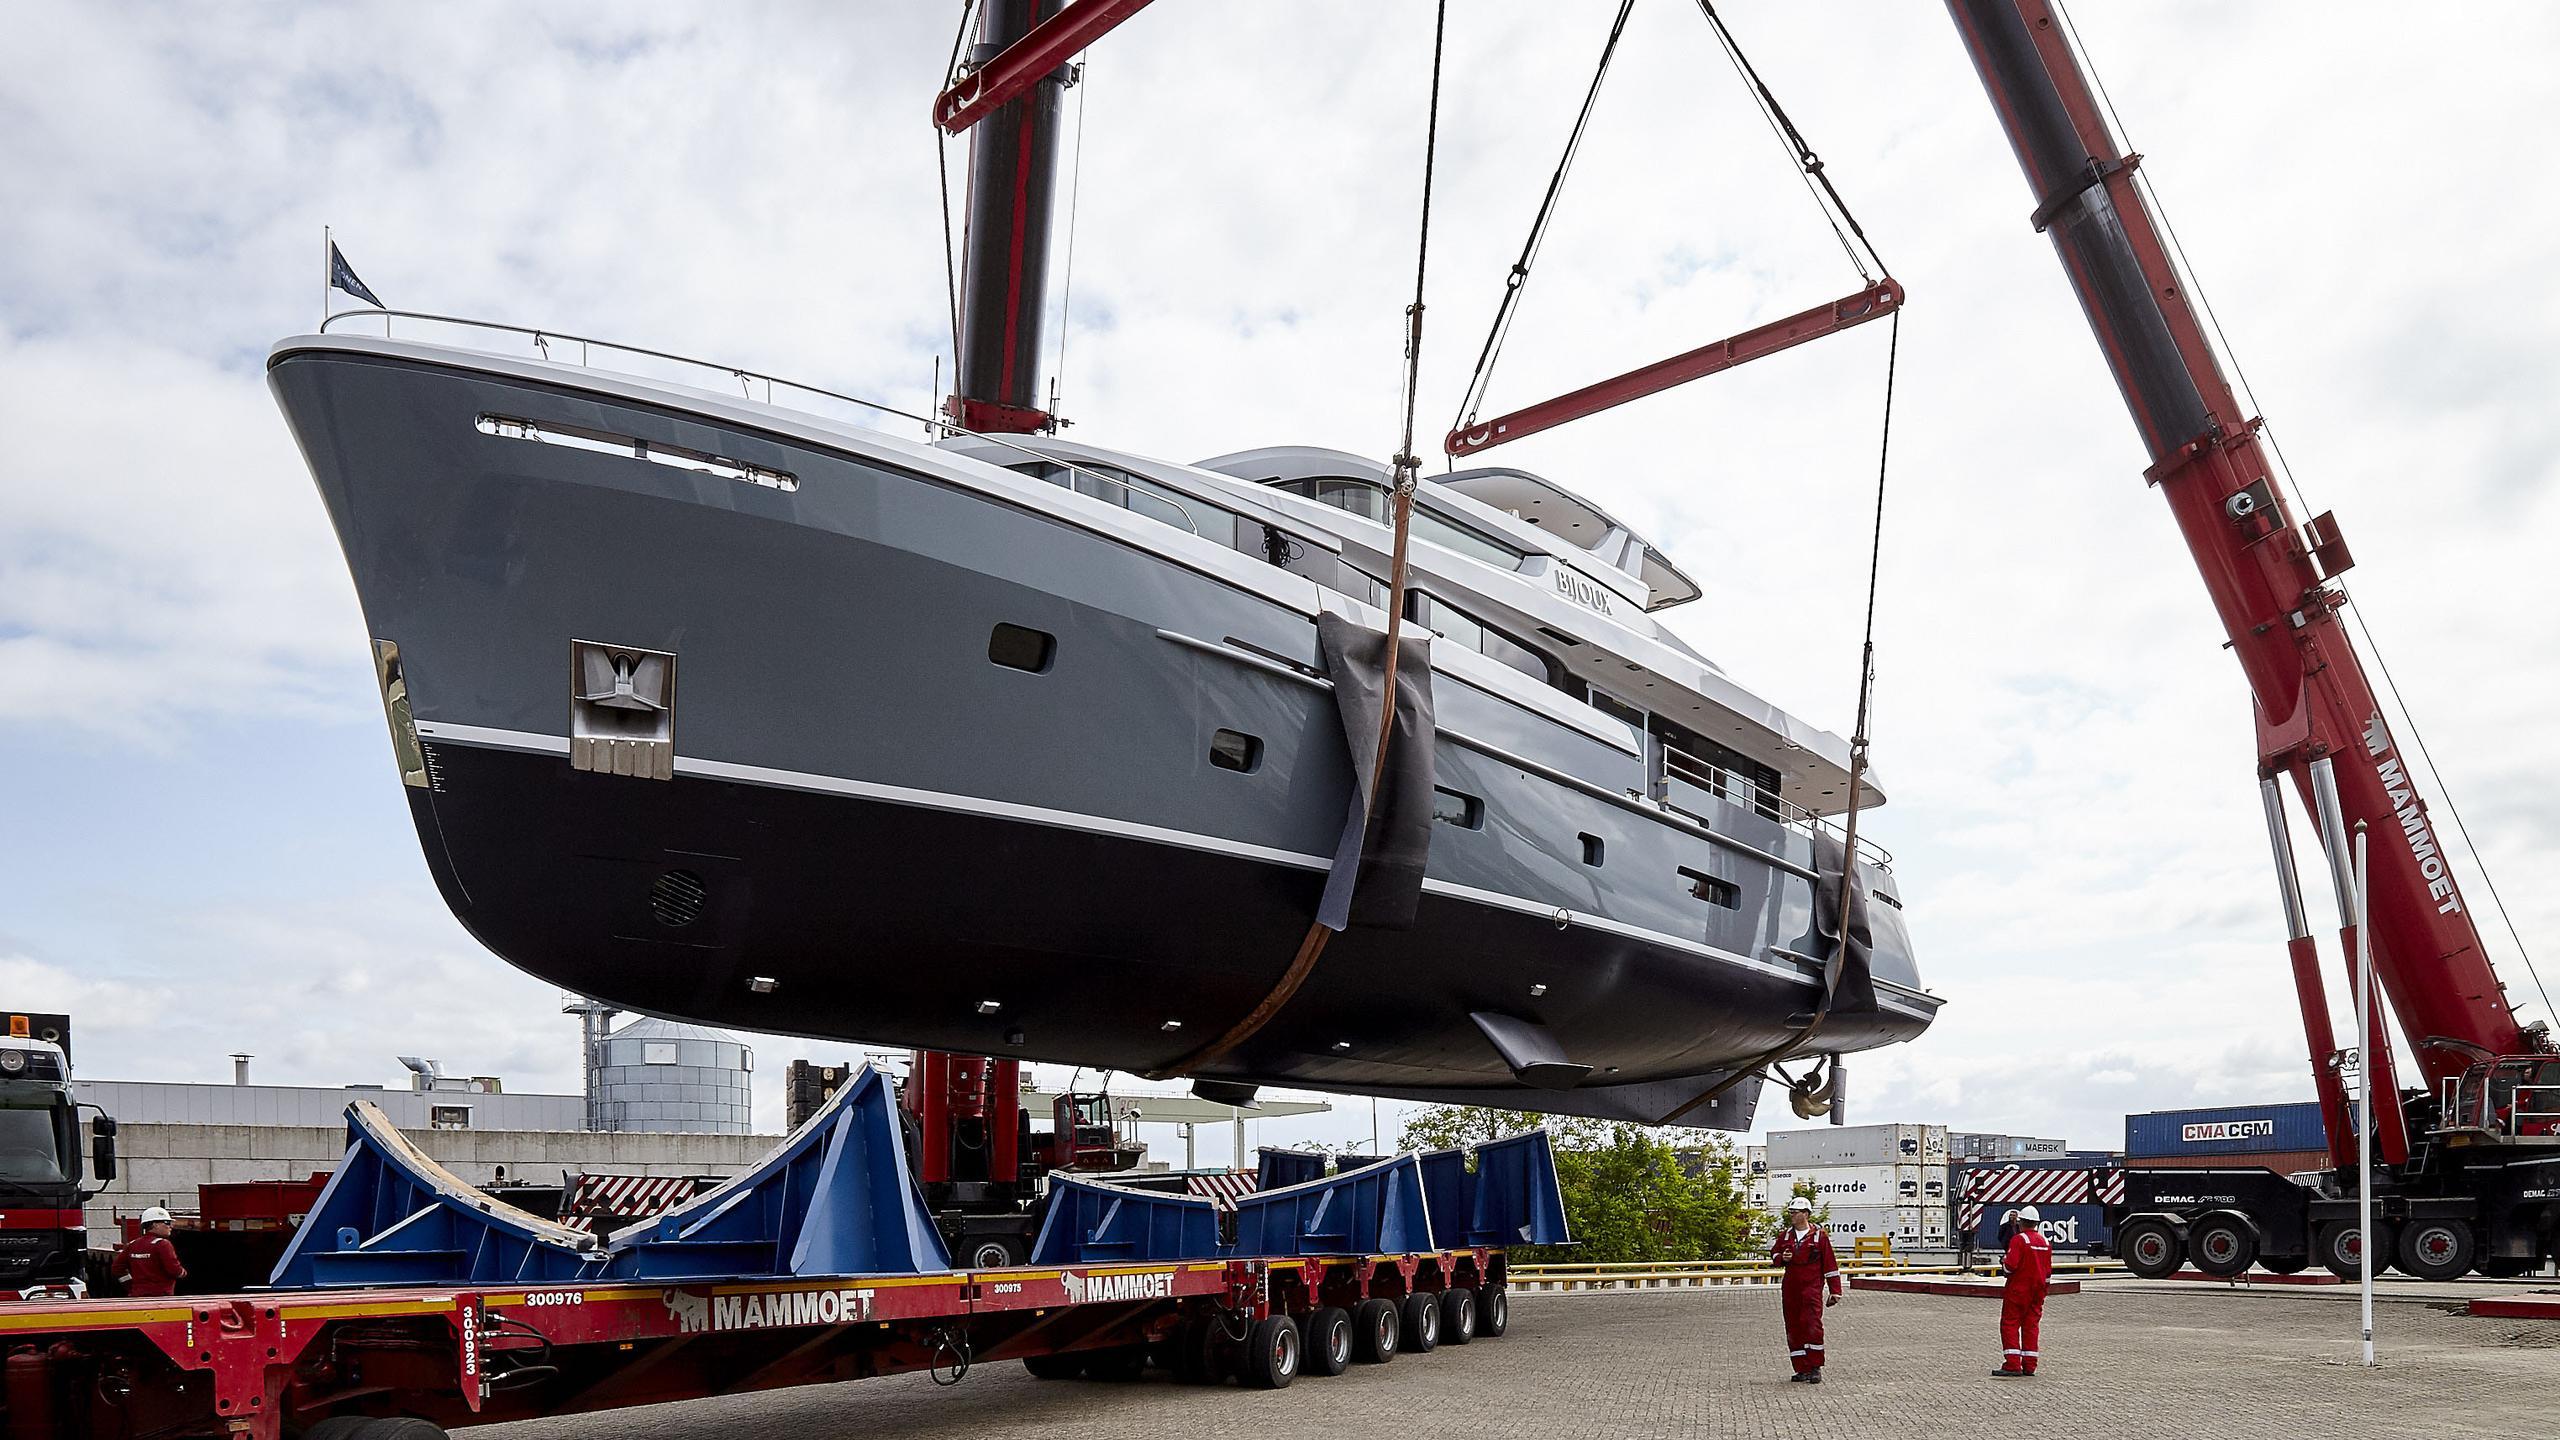 bijoux-motor-yacht-moonen-matica-2016-30m-half-profile-launch